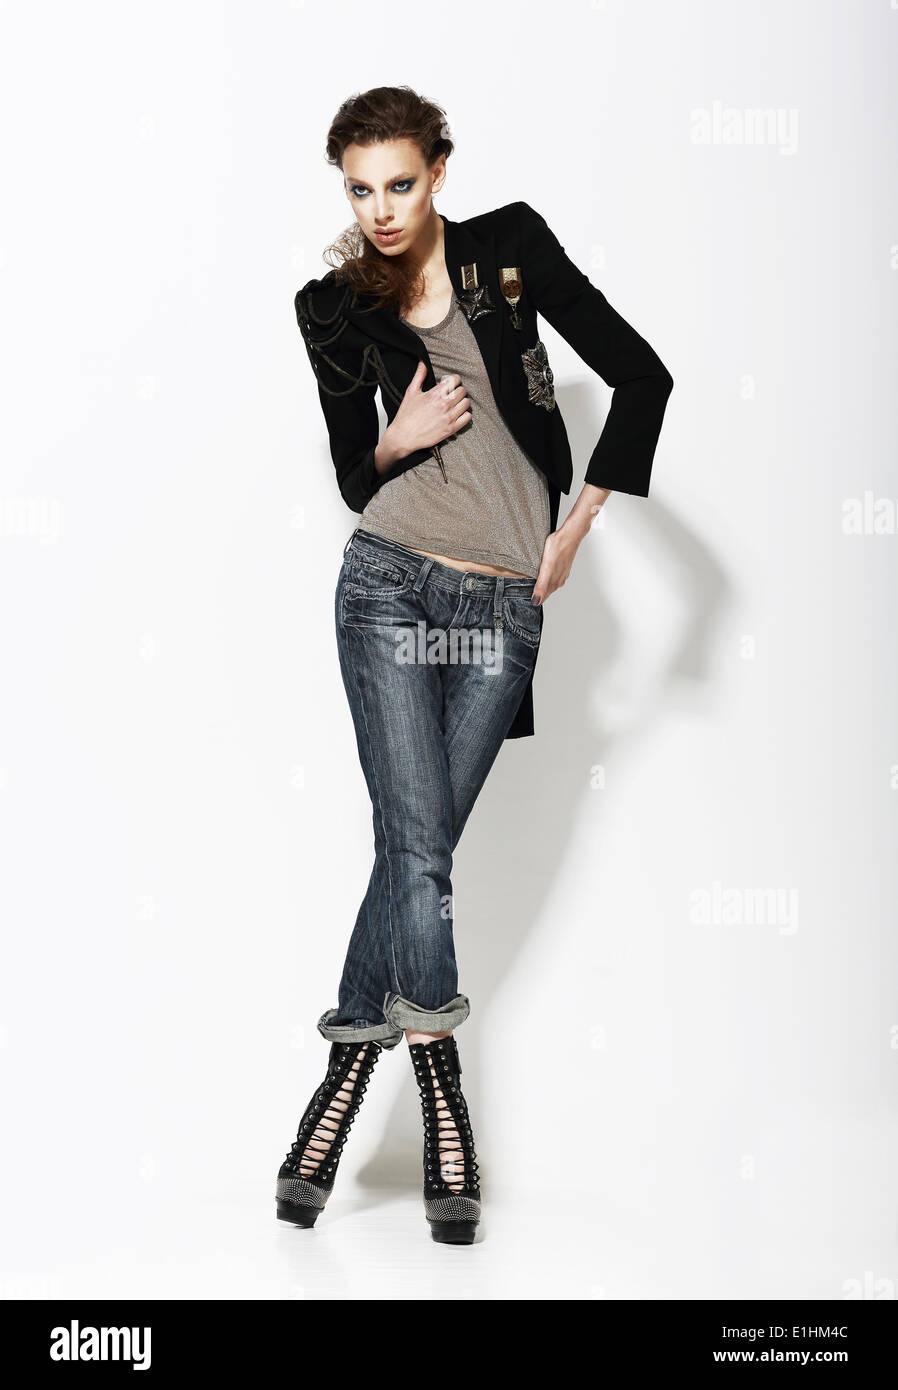 La mode. Portrait de femme élégante dans le cadre de pose Photo Stock